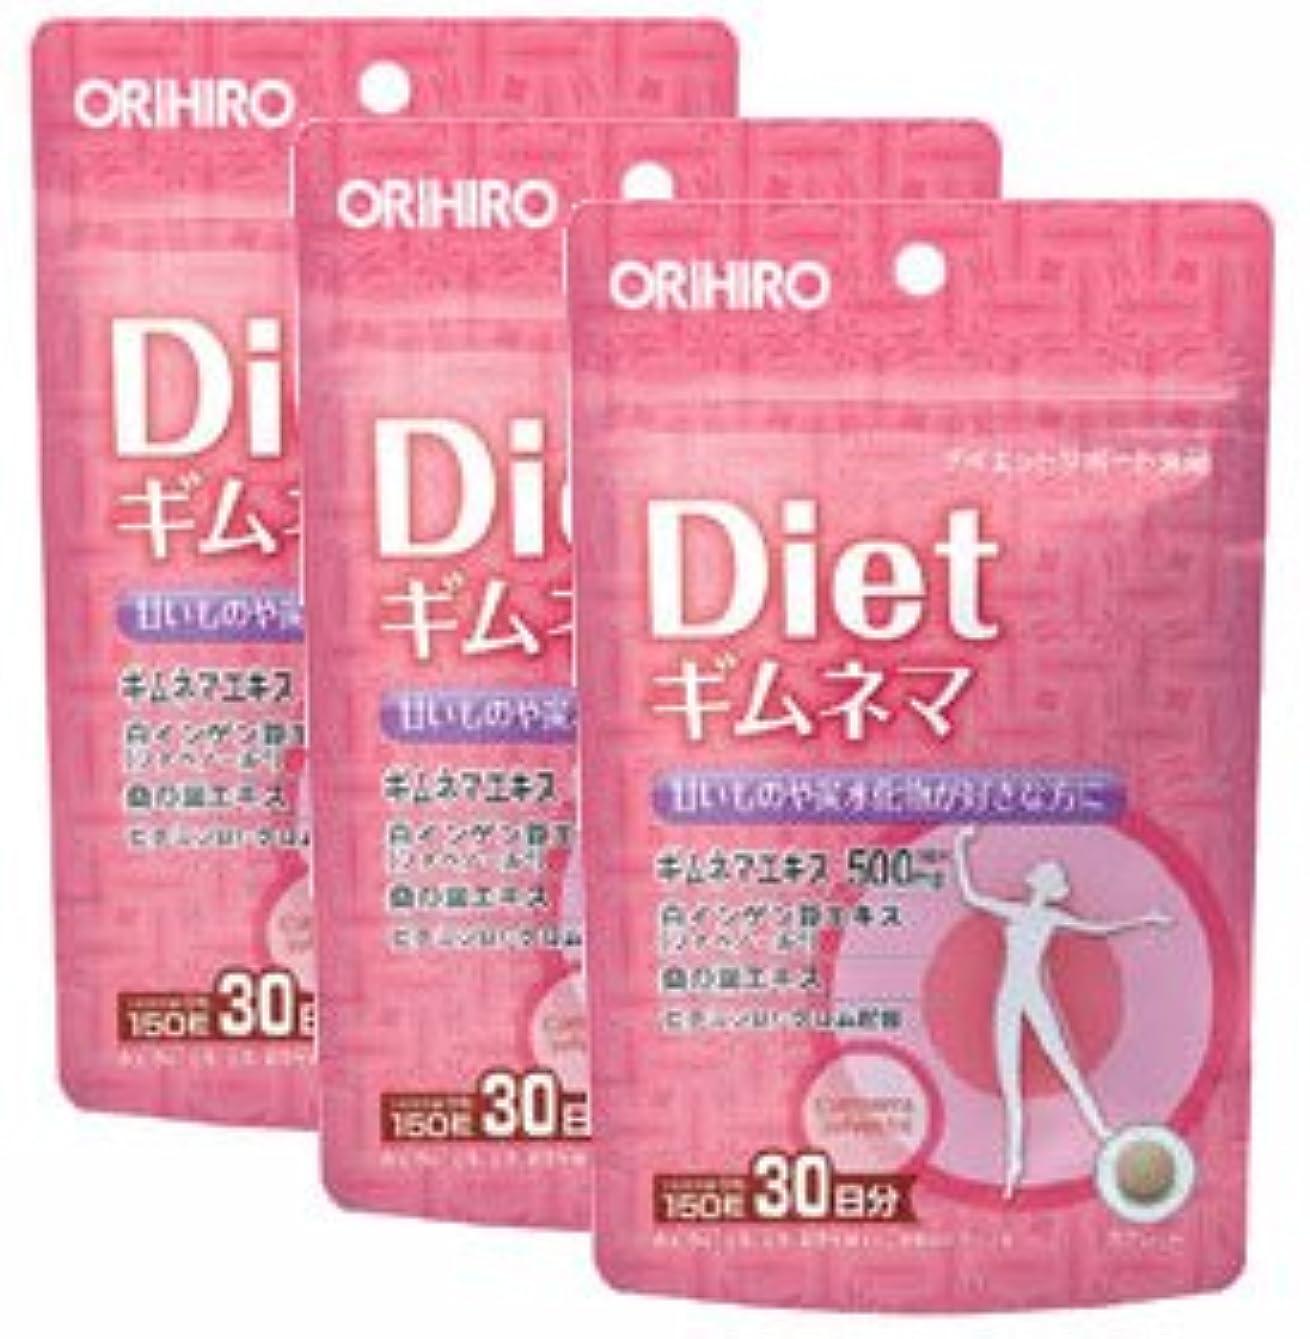 積分値する両方Dietギムネマ PD【3袋セット】オリヒロ